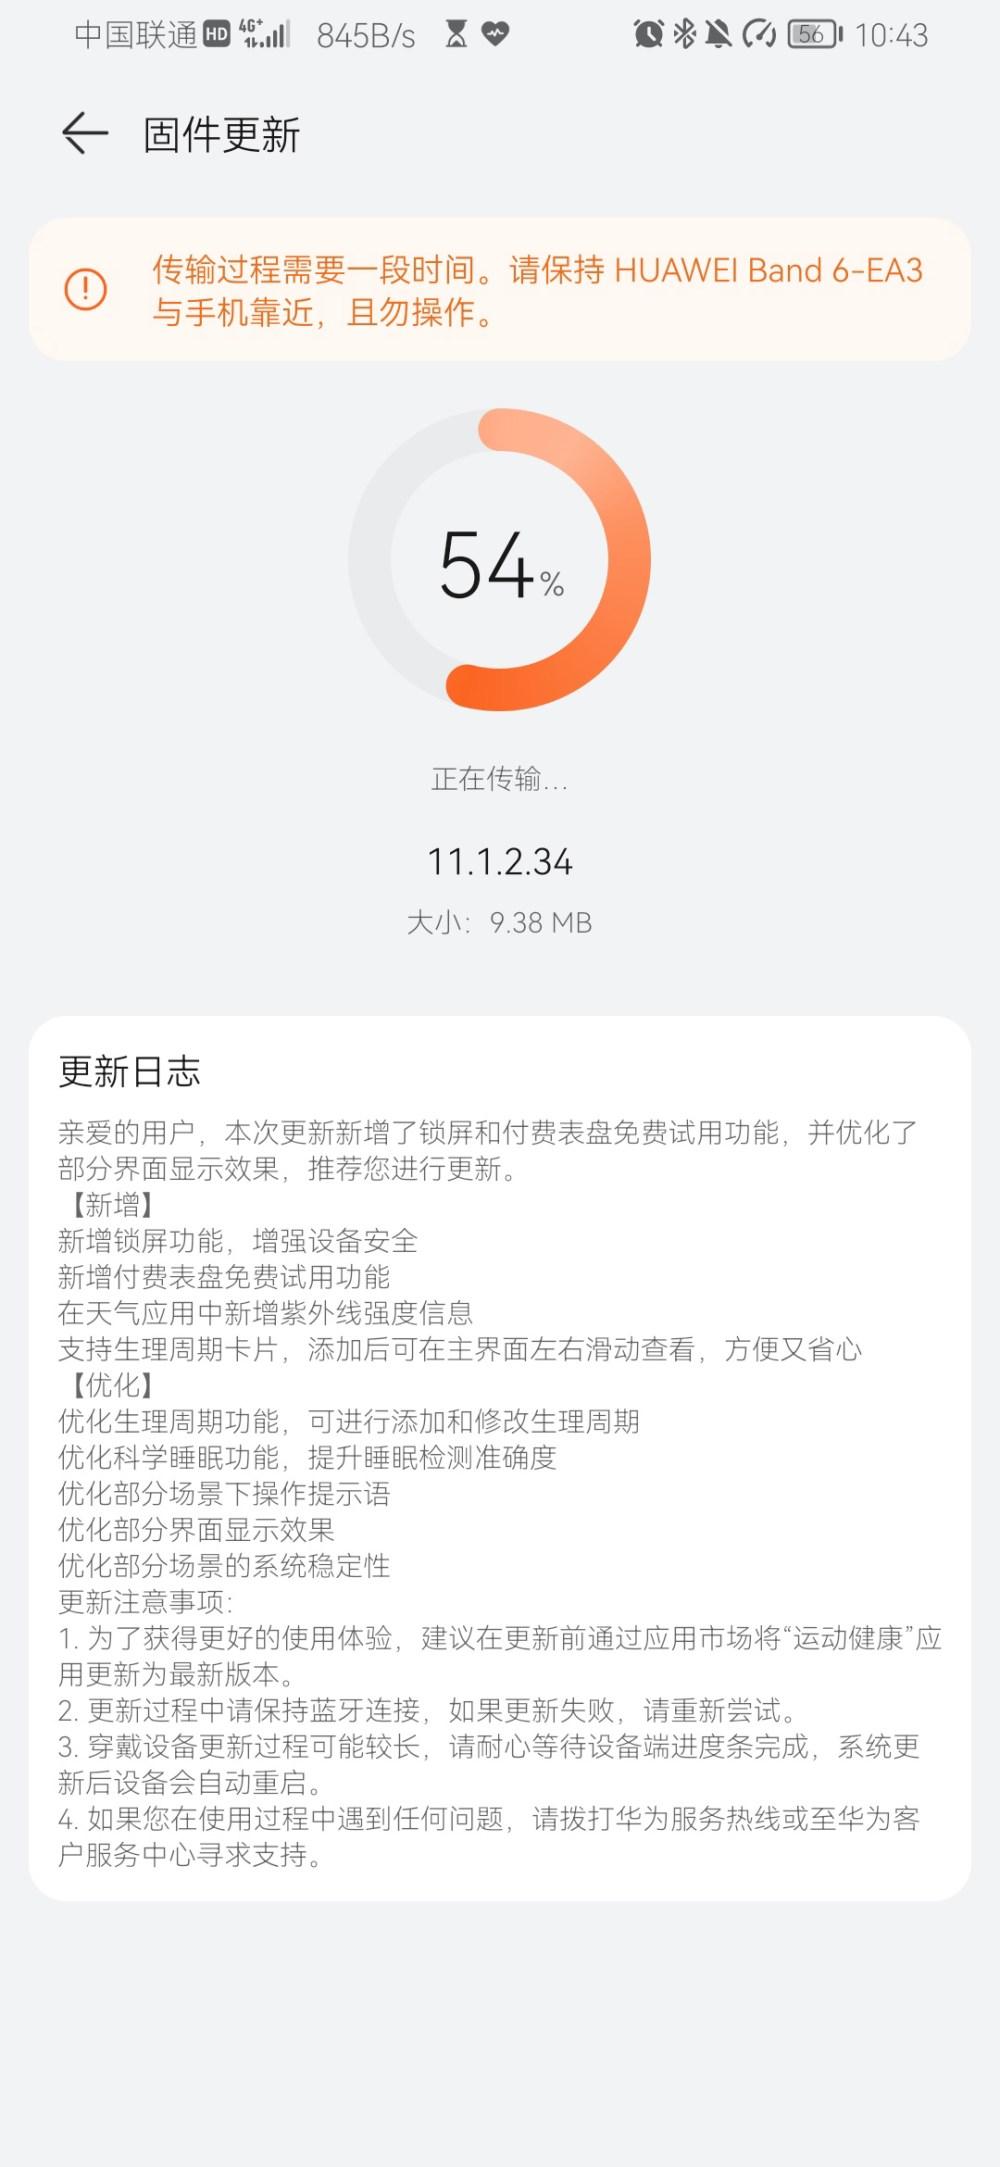 Huawei Band 6 update 11.1.2.34